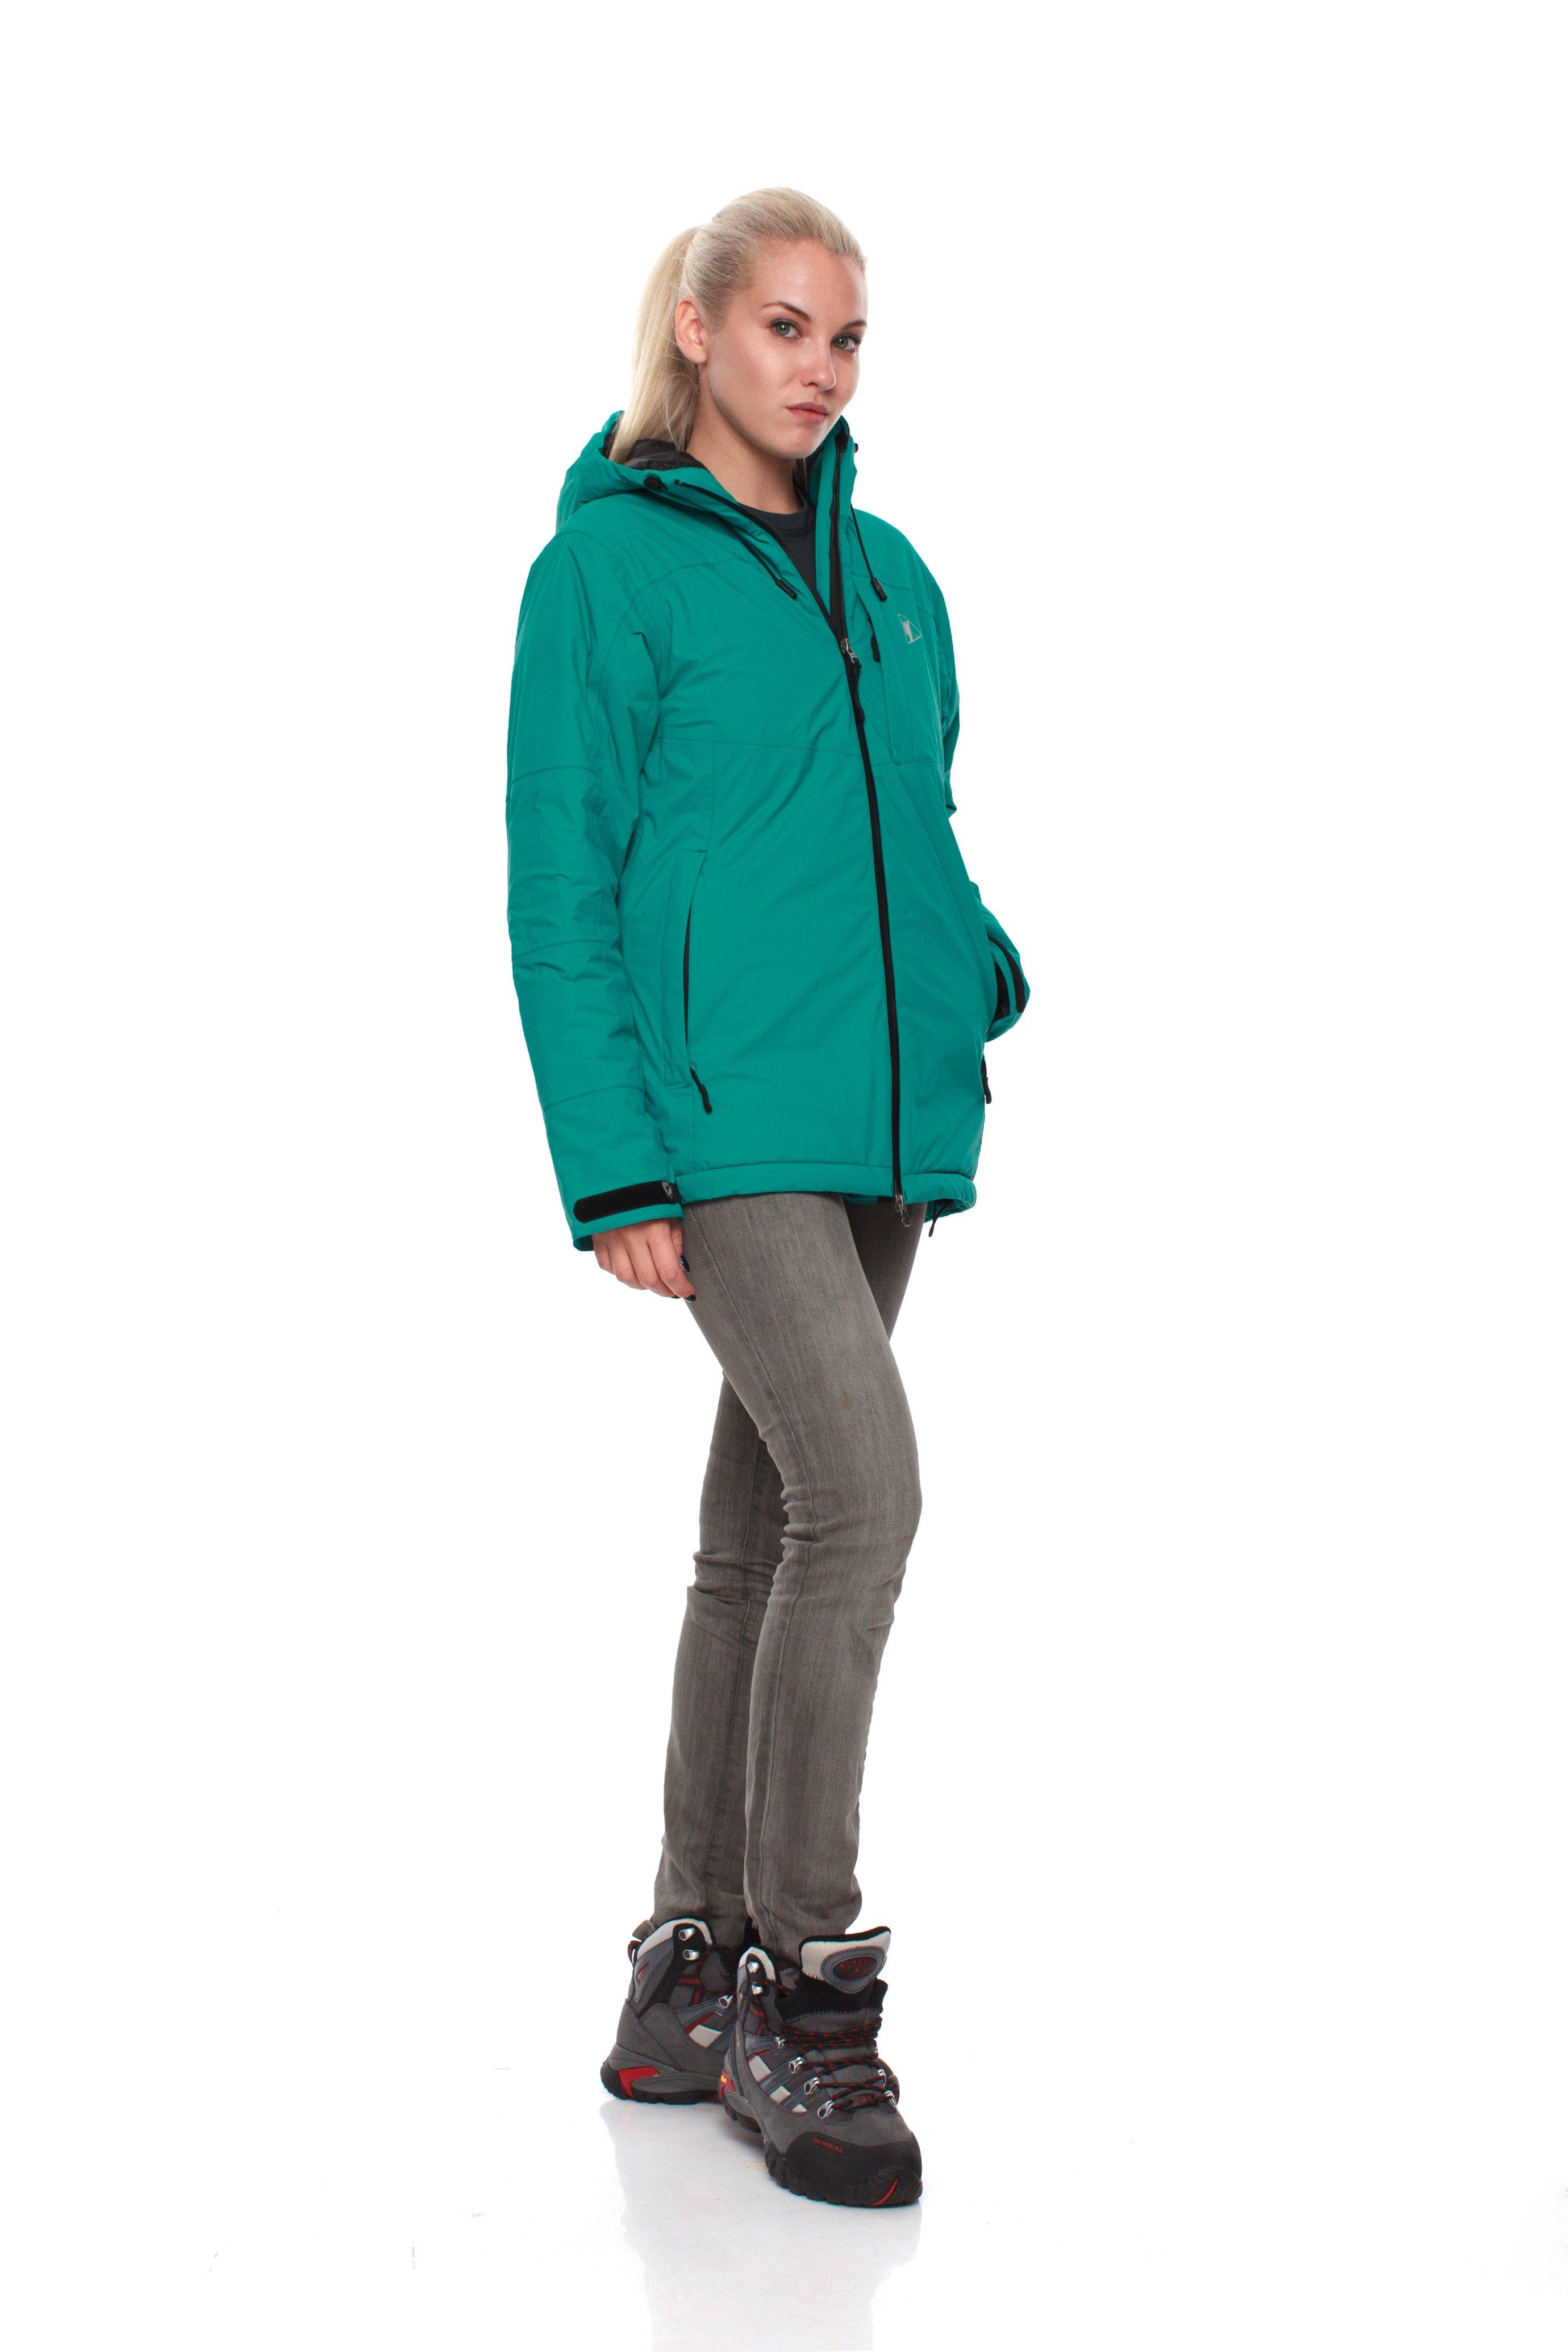 Куртка BASK SHL NARA LADY 3891Куртки<br><br><br>Верхняя ткань: Gelanots® 2L<br>Вес граммы: 730<br>Ветро-влагозащитные свойства верхней ткани: Да<br>Ветрозащитная планка: Да<br>Ветрозащитная юбка: Нет<br>Влагозащитные молнии: Да<br>Внутренние манжеты: Нет<br>Внутренняя ткань: Advance® Classic<br>Водонепроницаемость: 20000<br>Дублирующий центральную молнию клапан: Нет<br>Защитный козырёк капюшона: Да<br>Капюшон: Несъемный<br>Карман для средств связи: Нет<br>Количество внешних карманов: 3<br>Количество внутренних карманов: 2<br>Мембрана: Gelanots®<br>Объемный крой локтевой зоны: Да<br>Отстёгивающиеся рукава: Нет<br>Паропроницаемость: 15000<br>Пол: Женский<br>Проклейка швов: Да<br>Регулировка манжетов рукавов: Да<br>Регулировка низа: Да<br>Регулировка объёма капюшона: Да<br>Регулировка талии: Да<br>Регулируемые вентиляционные отверстия: Нет<br>Световозвращающая лента: Нет<br>Температурный режим: -15<br>Технология Thermal Welding: Нет<br>Технология швов: Проклеены<br>Тип молнии: Двухзамковая влагостойкая<br>Тип утеплителя: Синтетический<br>Усиление контактных зон: Нет<br>Утеплитель: Shelter®Sport<br>Размер INT: M<br>Цвет: СИНИЙ